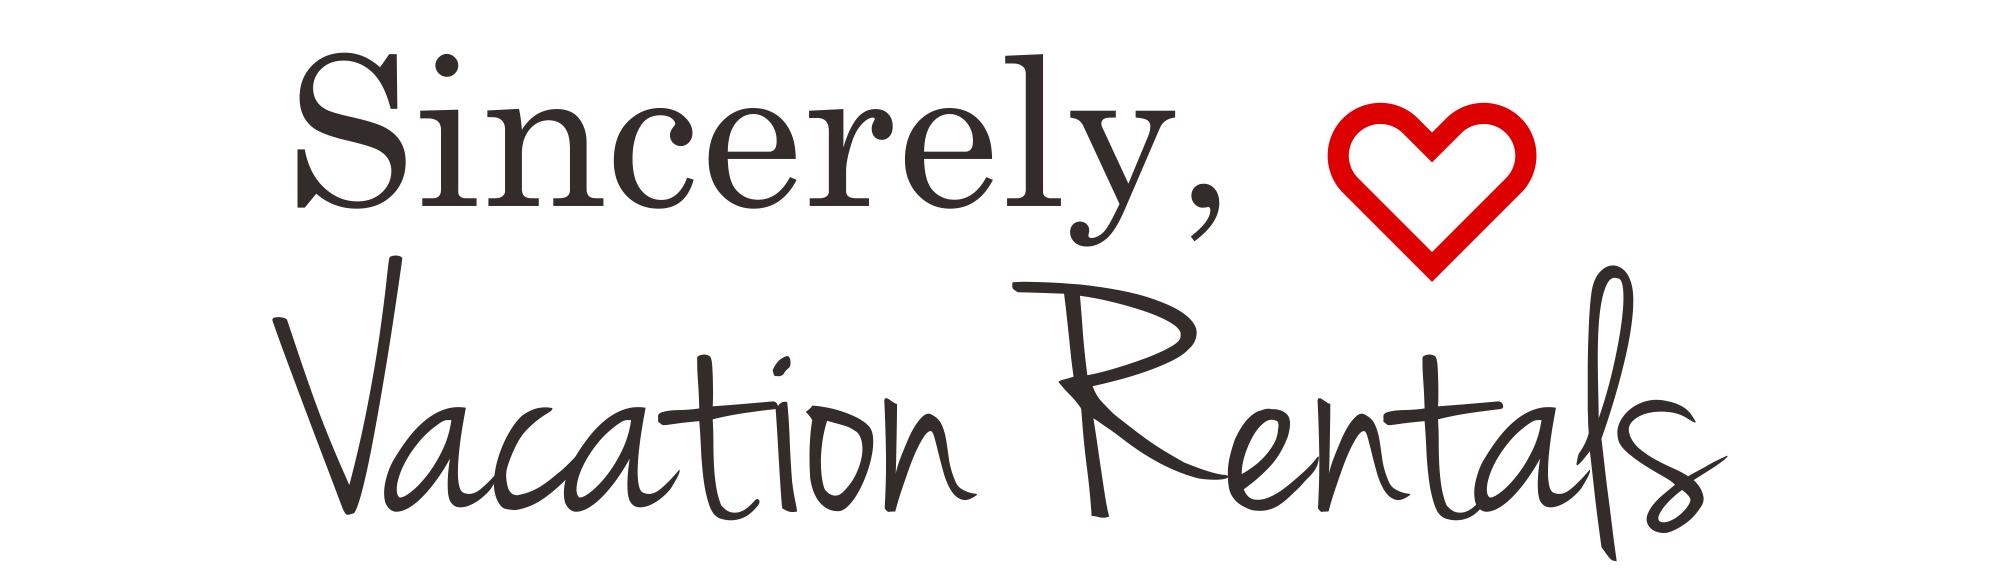 Sincerely, Vacation Rentals